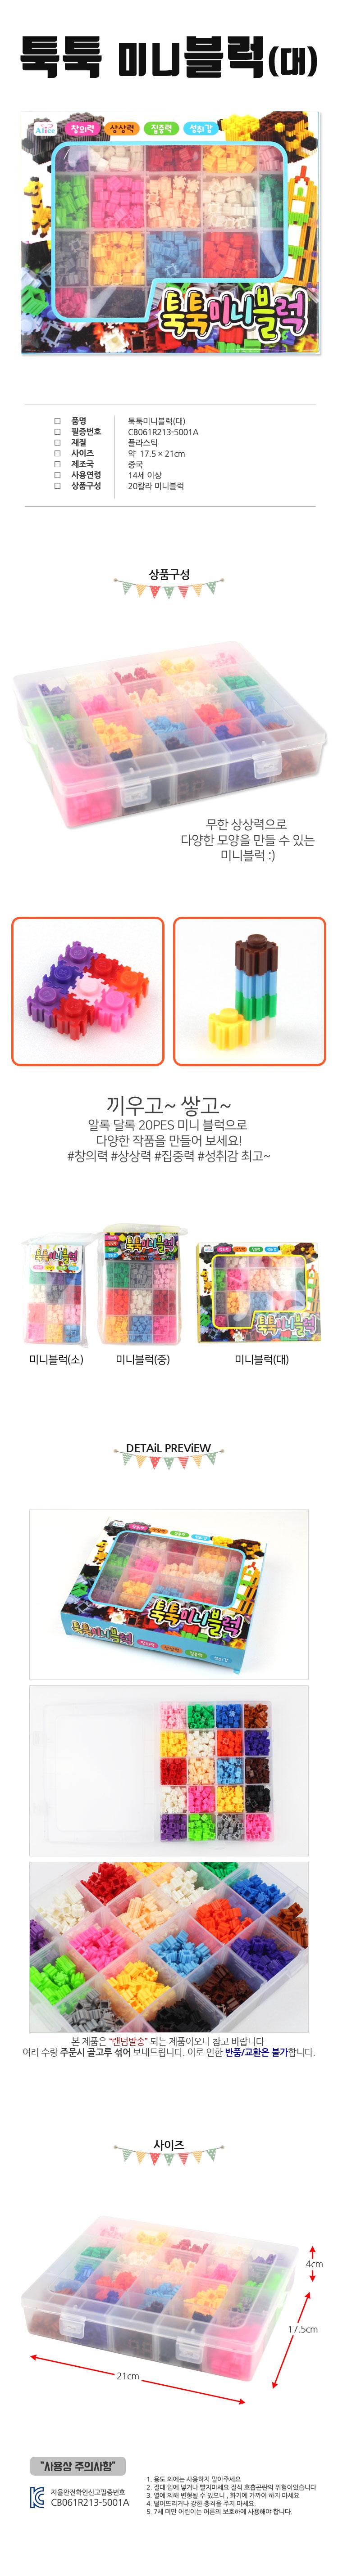 CA 툭툭미니블럭_대 - 아이펀즈, 10,000원, 레고/블록, 나노블록